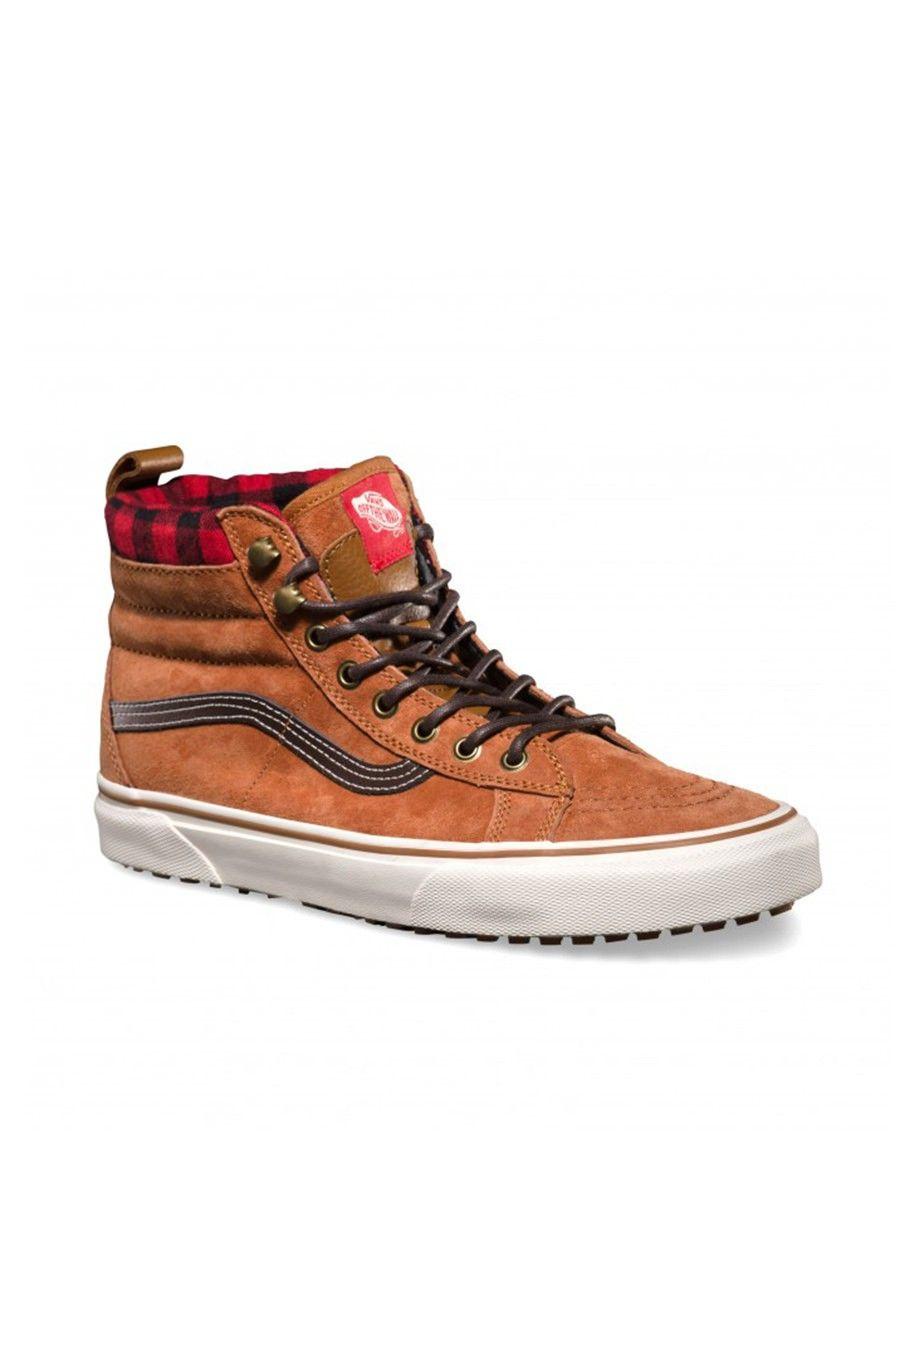 vans sk8-hi mountain edition mte shoes glazed ginger